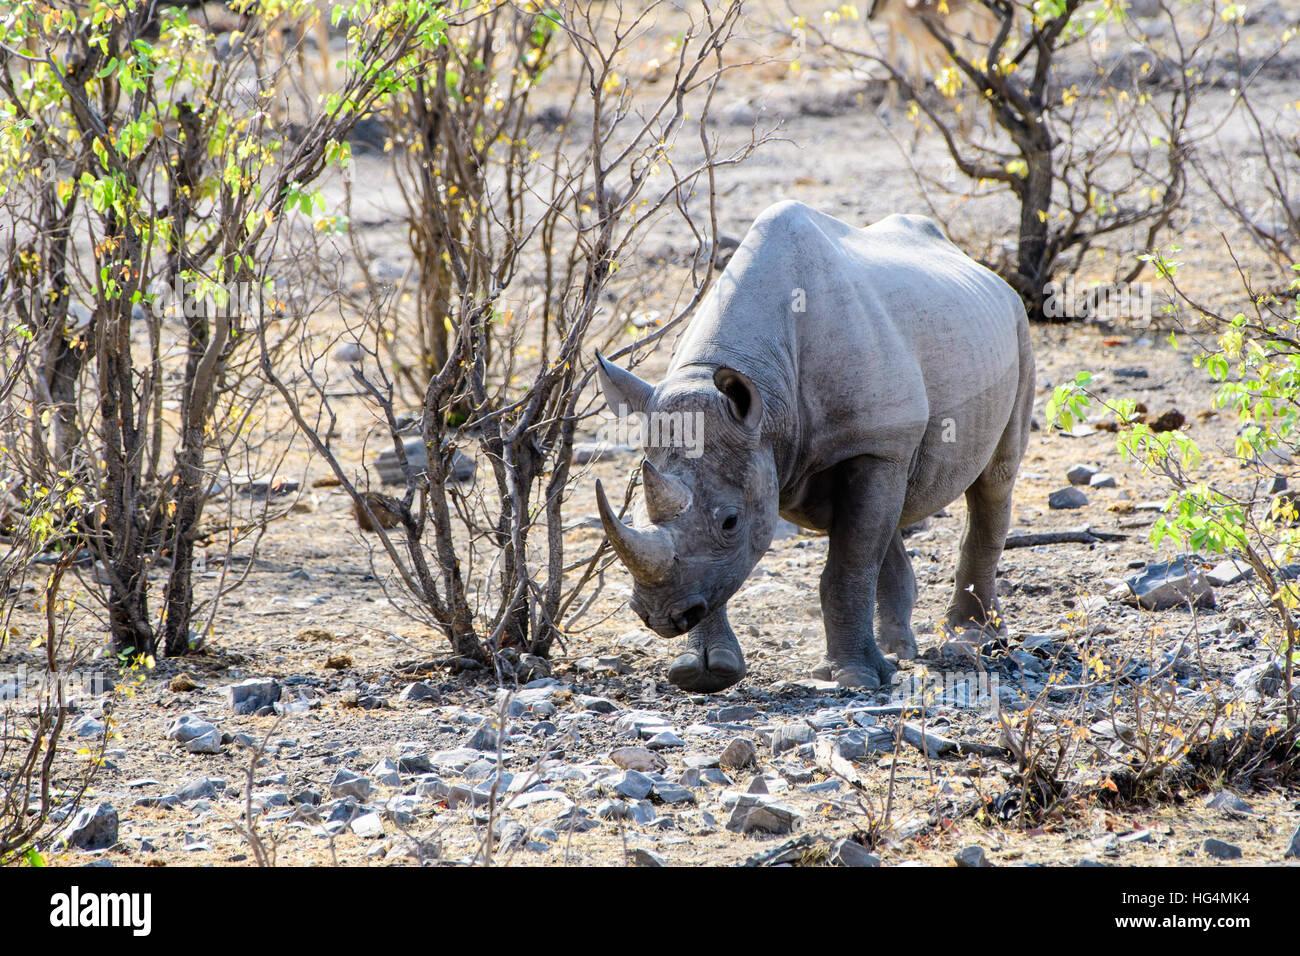 Rhino wandering through the bush - Stock Image